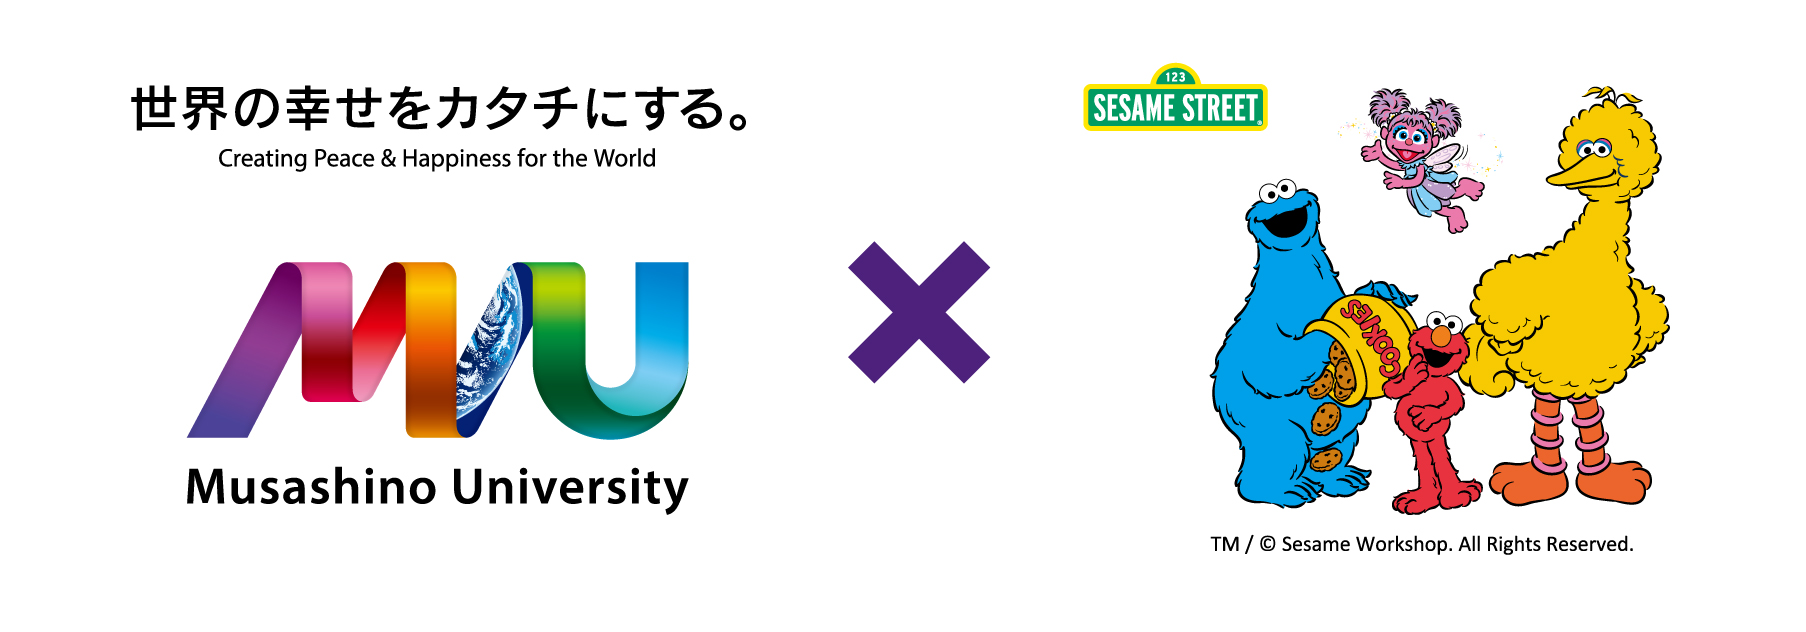 武蔵野大学がSESAME STREETとコラボレーション -- 大学では世界初